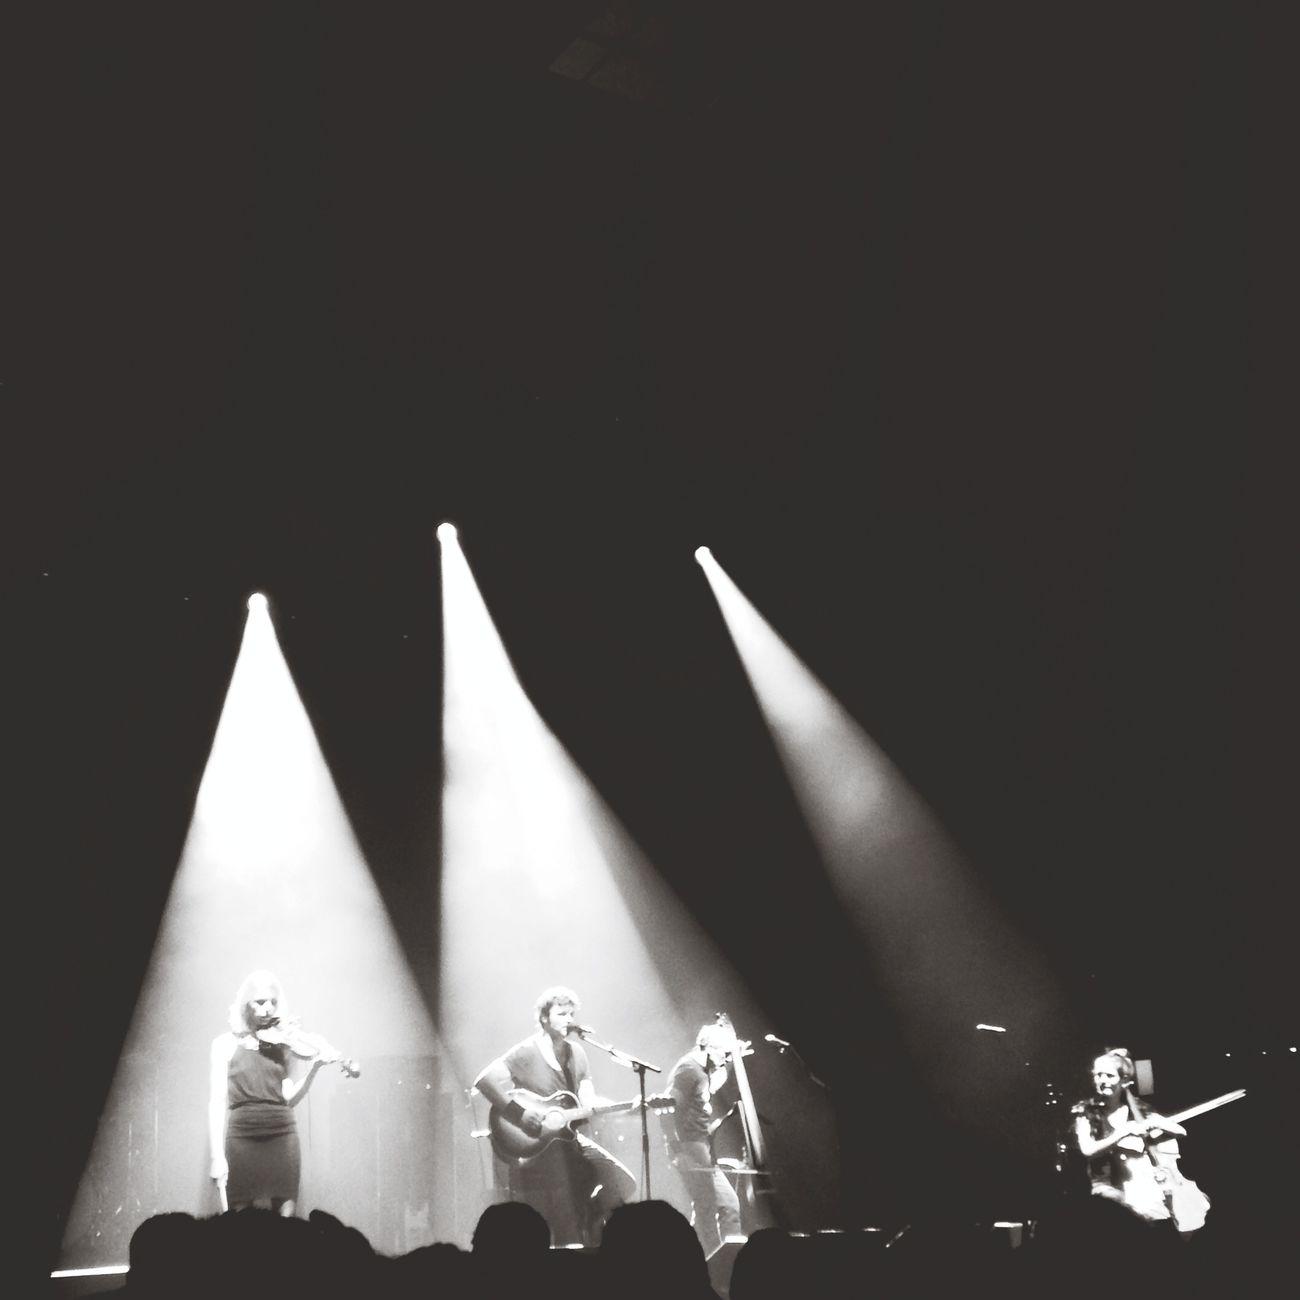 Detroit à Paris Concert Blackandwhite